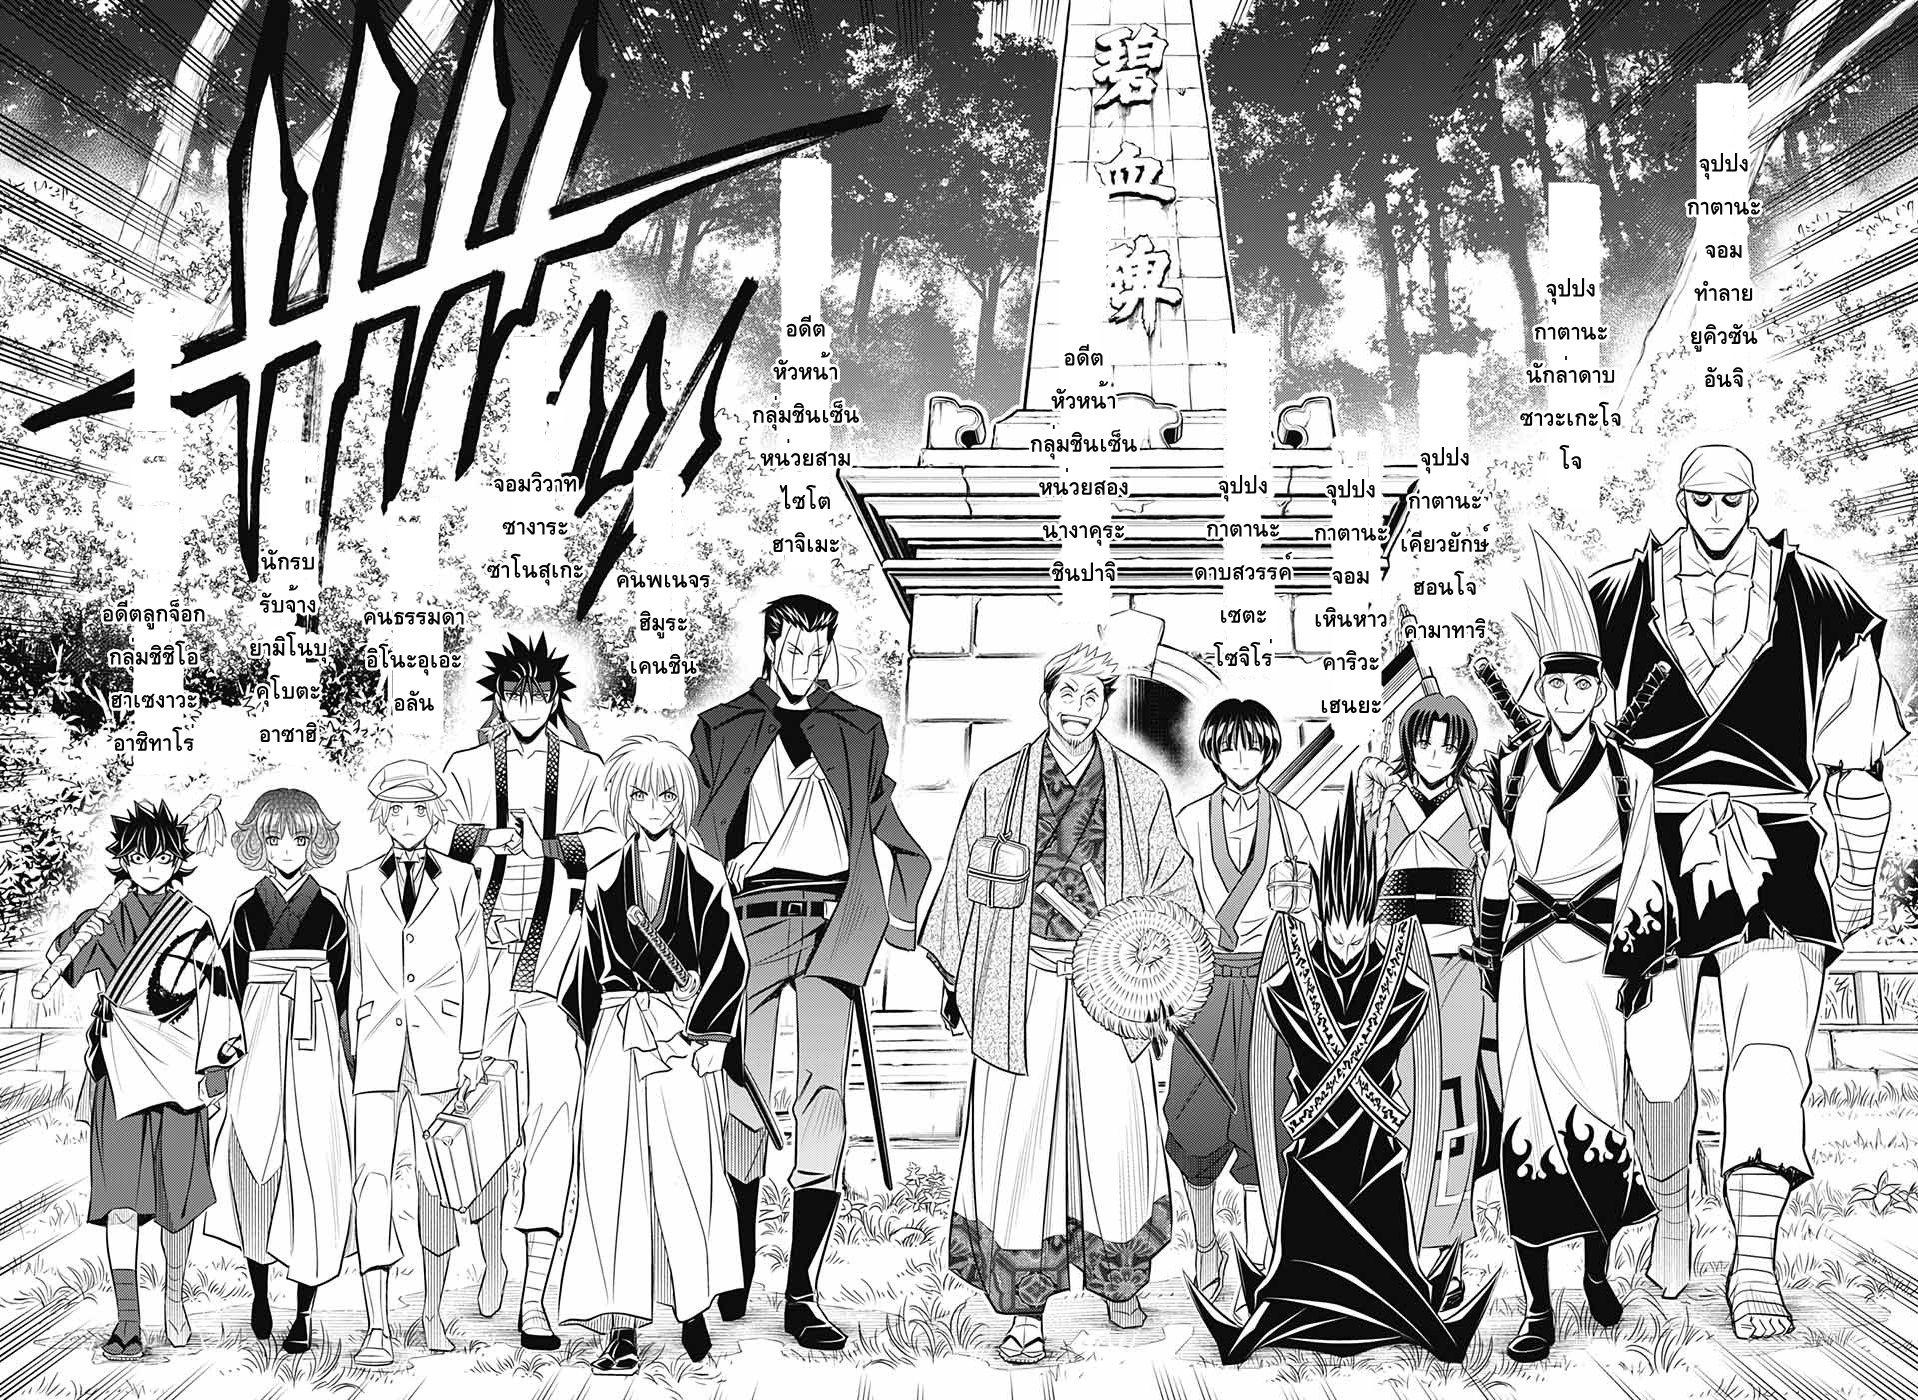 อ่านการ์ตูน Rurouni Kenshin: Hokkaido Arc ตอนที่ 14 หน้าที่ 26